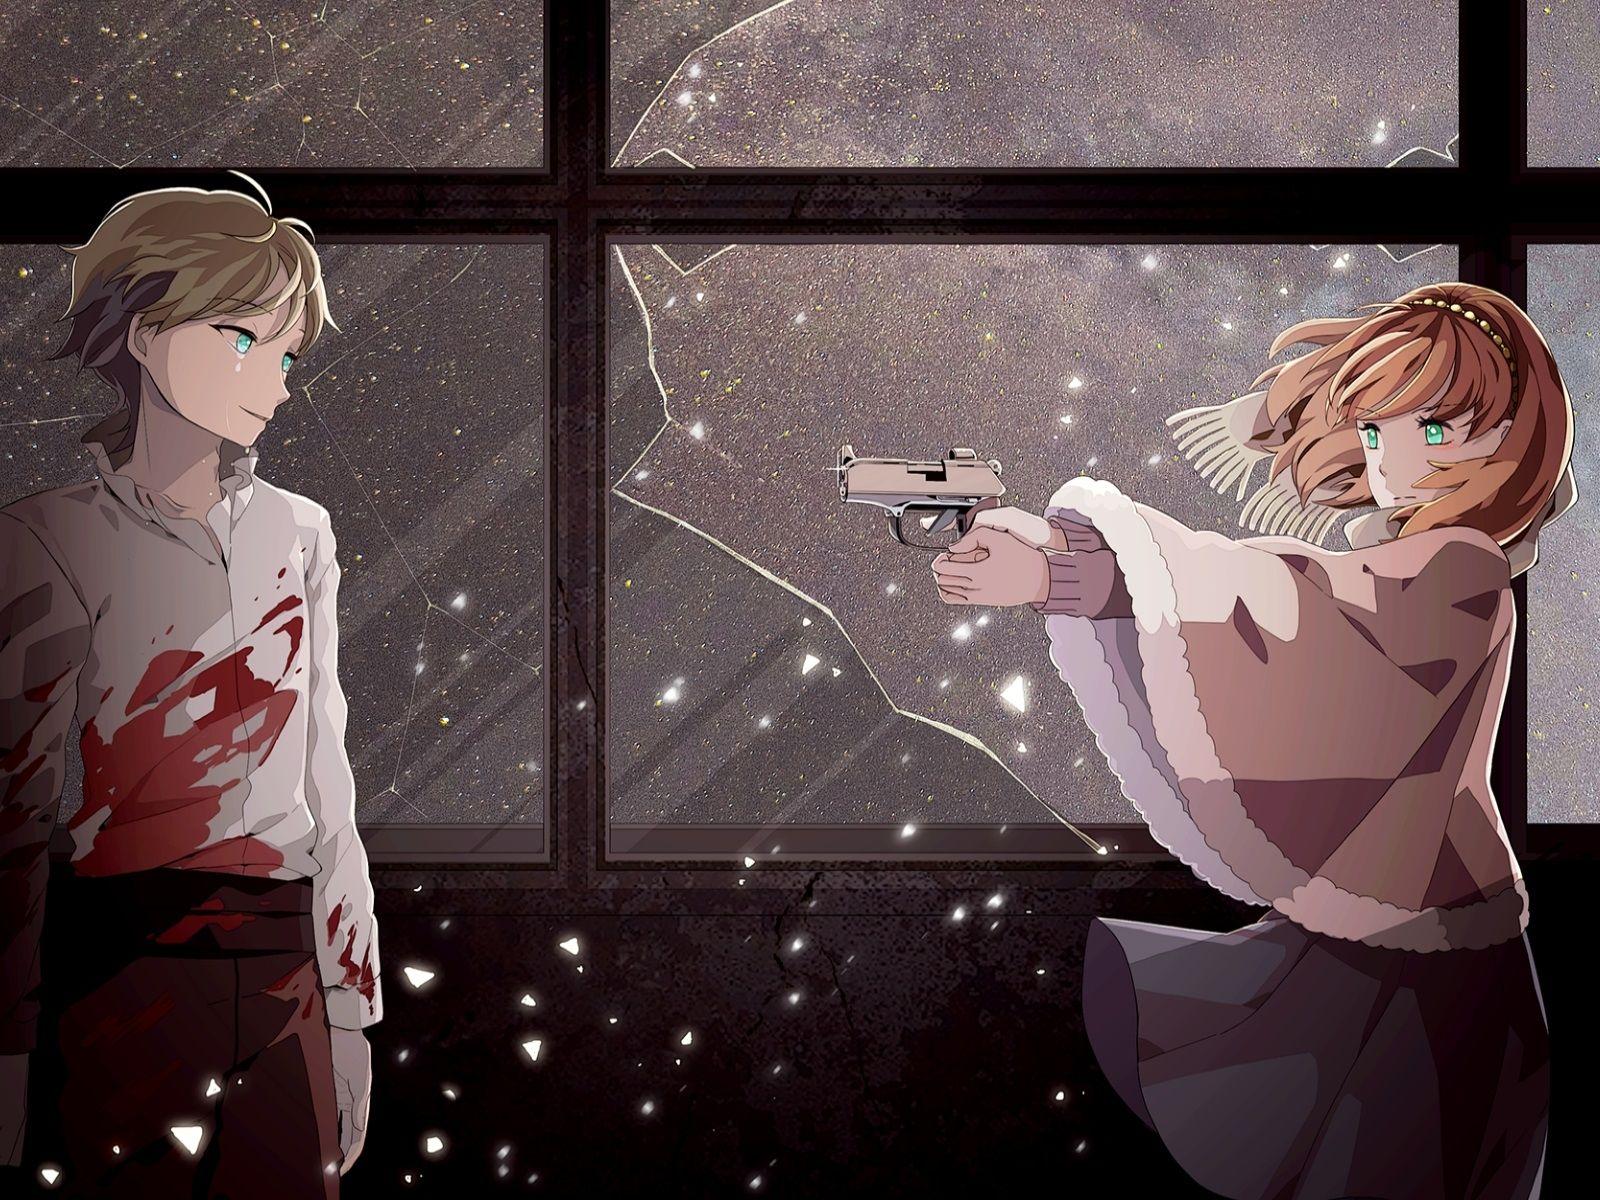 http://de.anime-papers.com/details/1595,aldnoah-zero